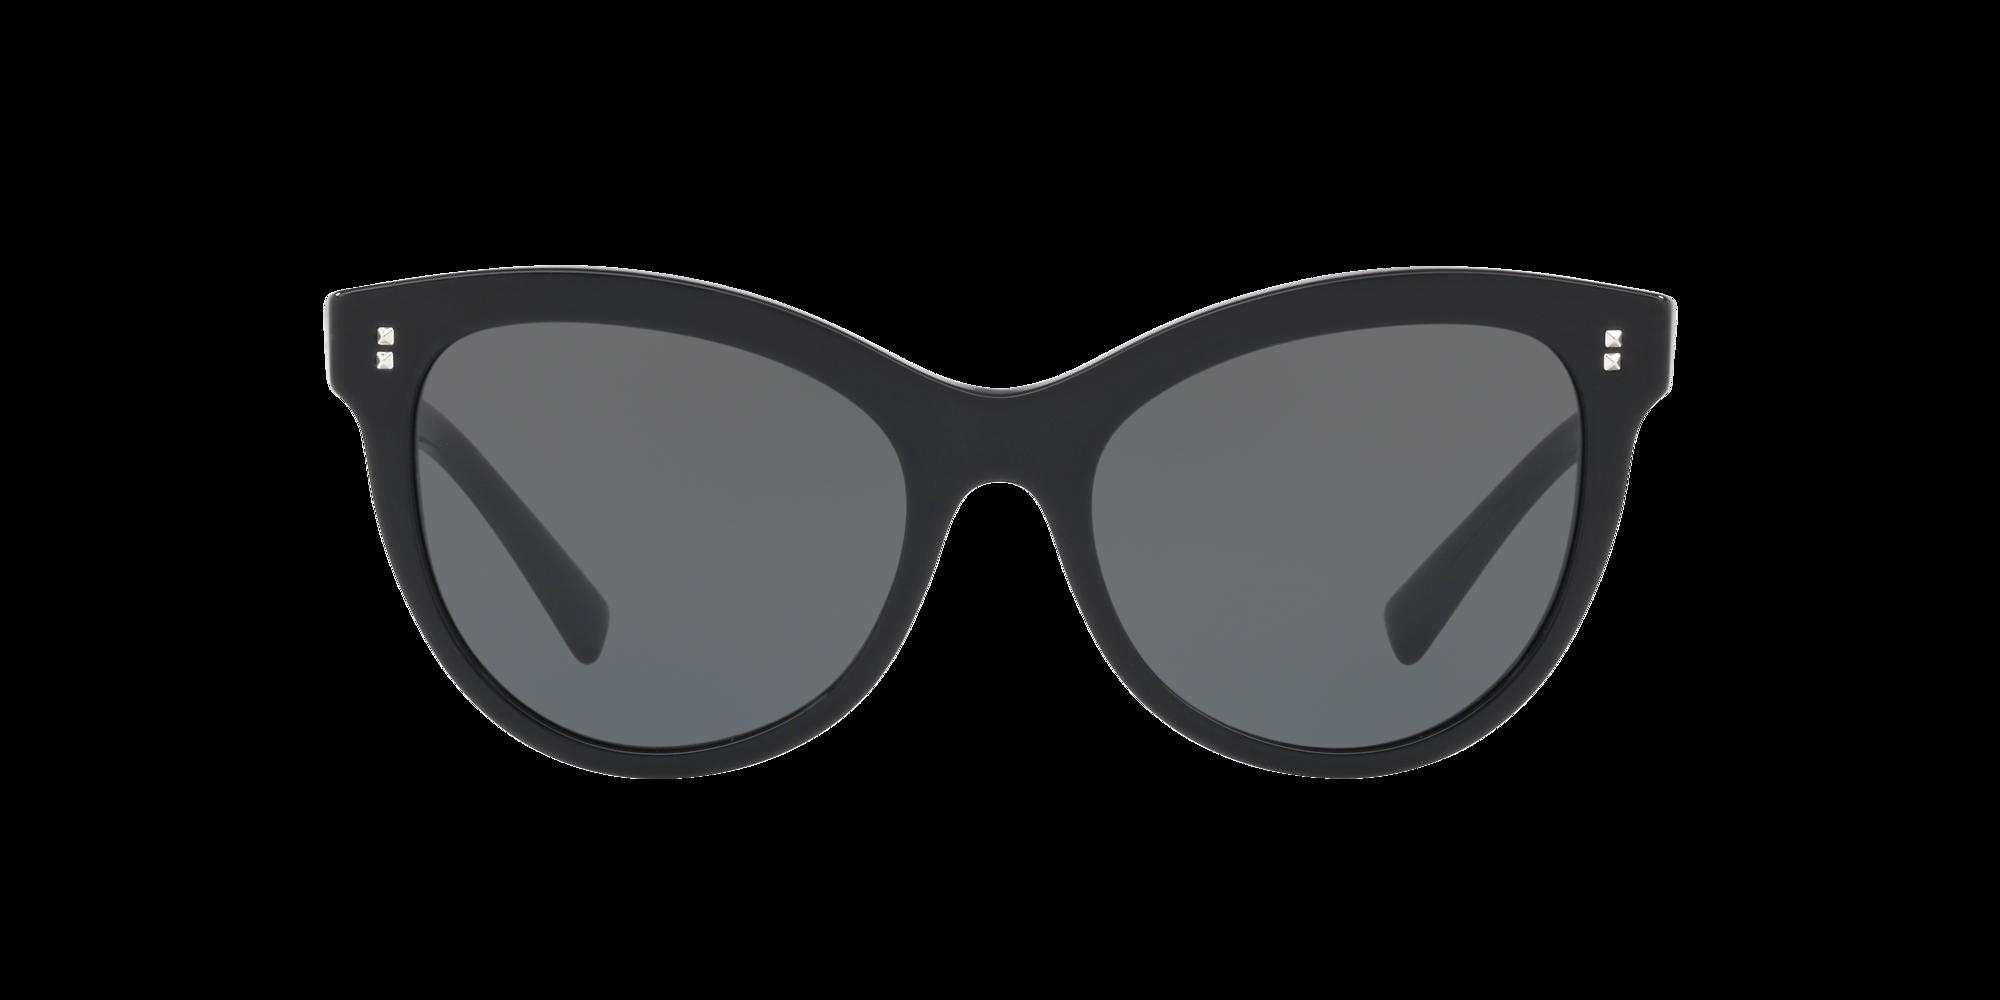 Imagen para VA4013 54 de LensCrafters    Espejuelos, espejuelos graduados en línea, gafas